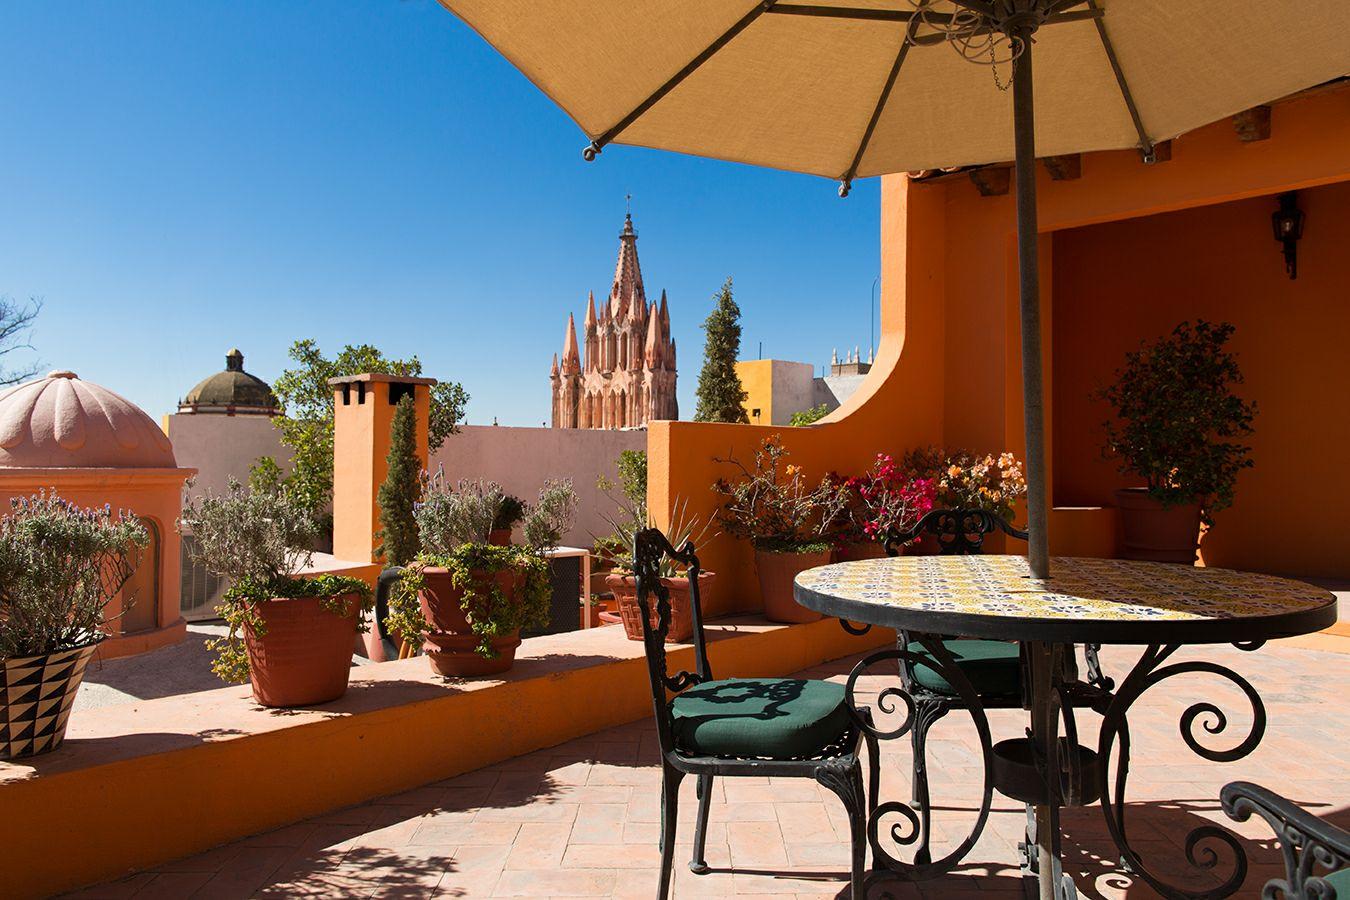 Sunset Experience: vino y gastronomía en una de las terrazas más bonitas de San Miguel de Allende